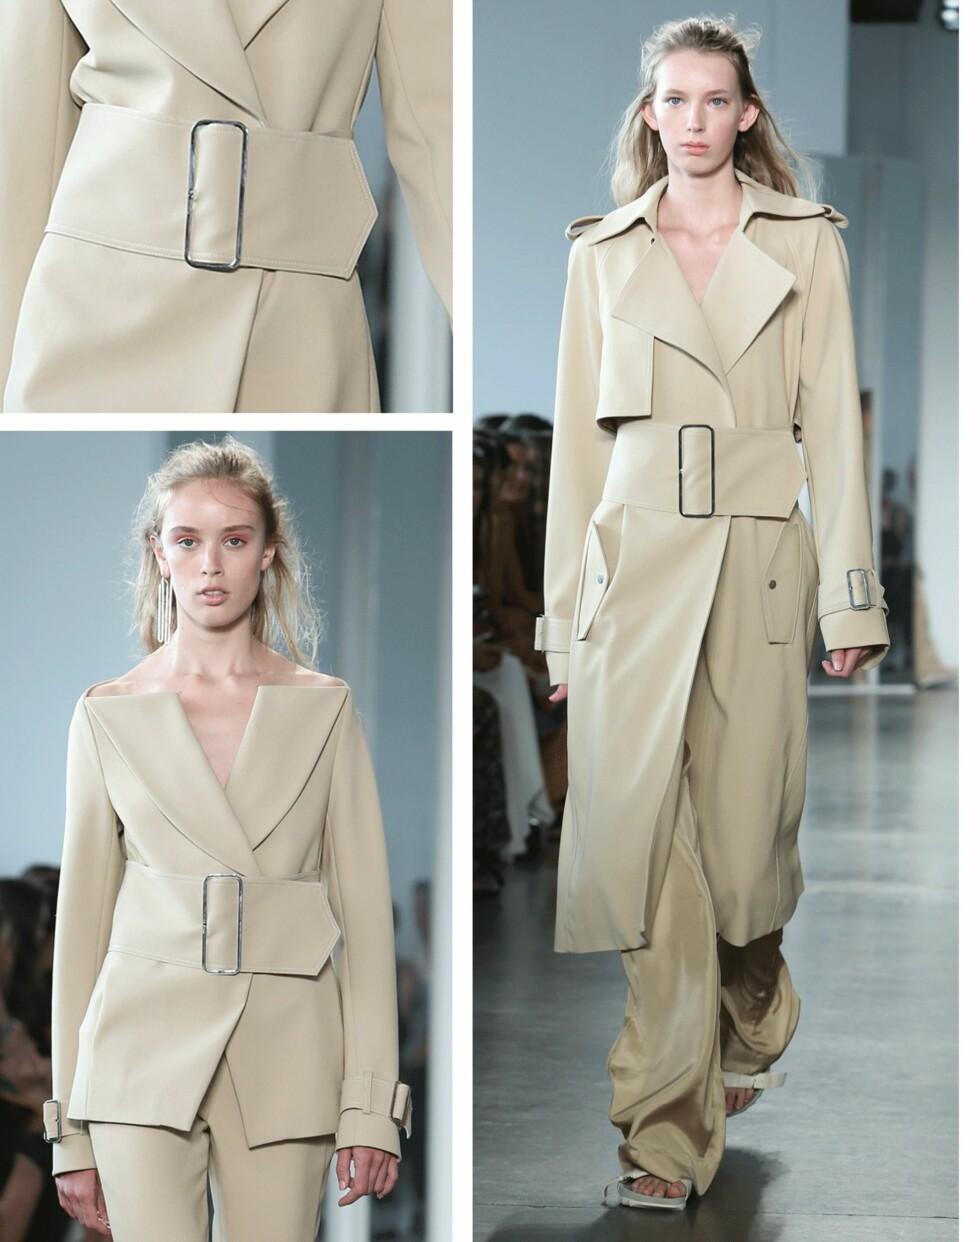 DION LEE: Denne jakken, kjolen og overdelen med bredt belte skal du ikke se bort ifra at blir kopiert i fremtiden. Legg også merke til detaljene øverst på jakken nederst til venstre. Foto: Scanpix